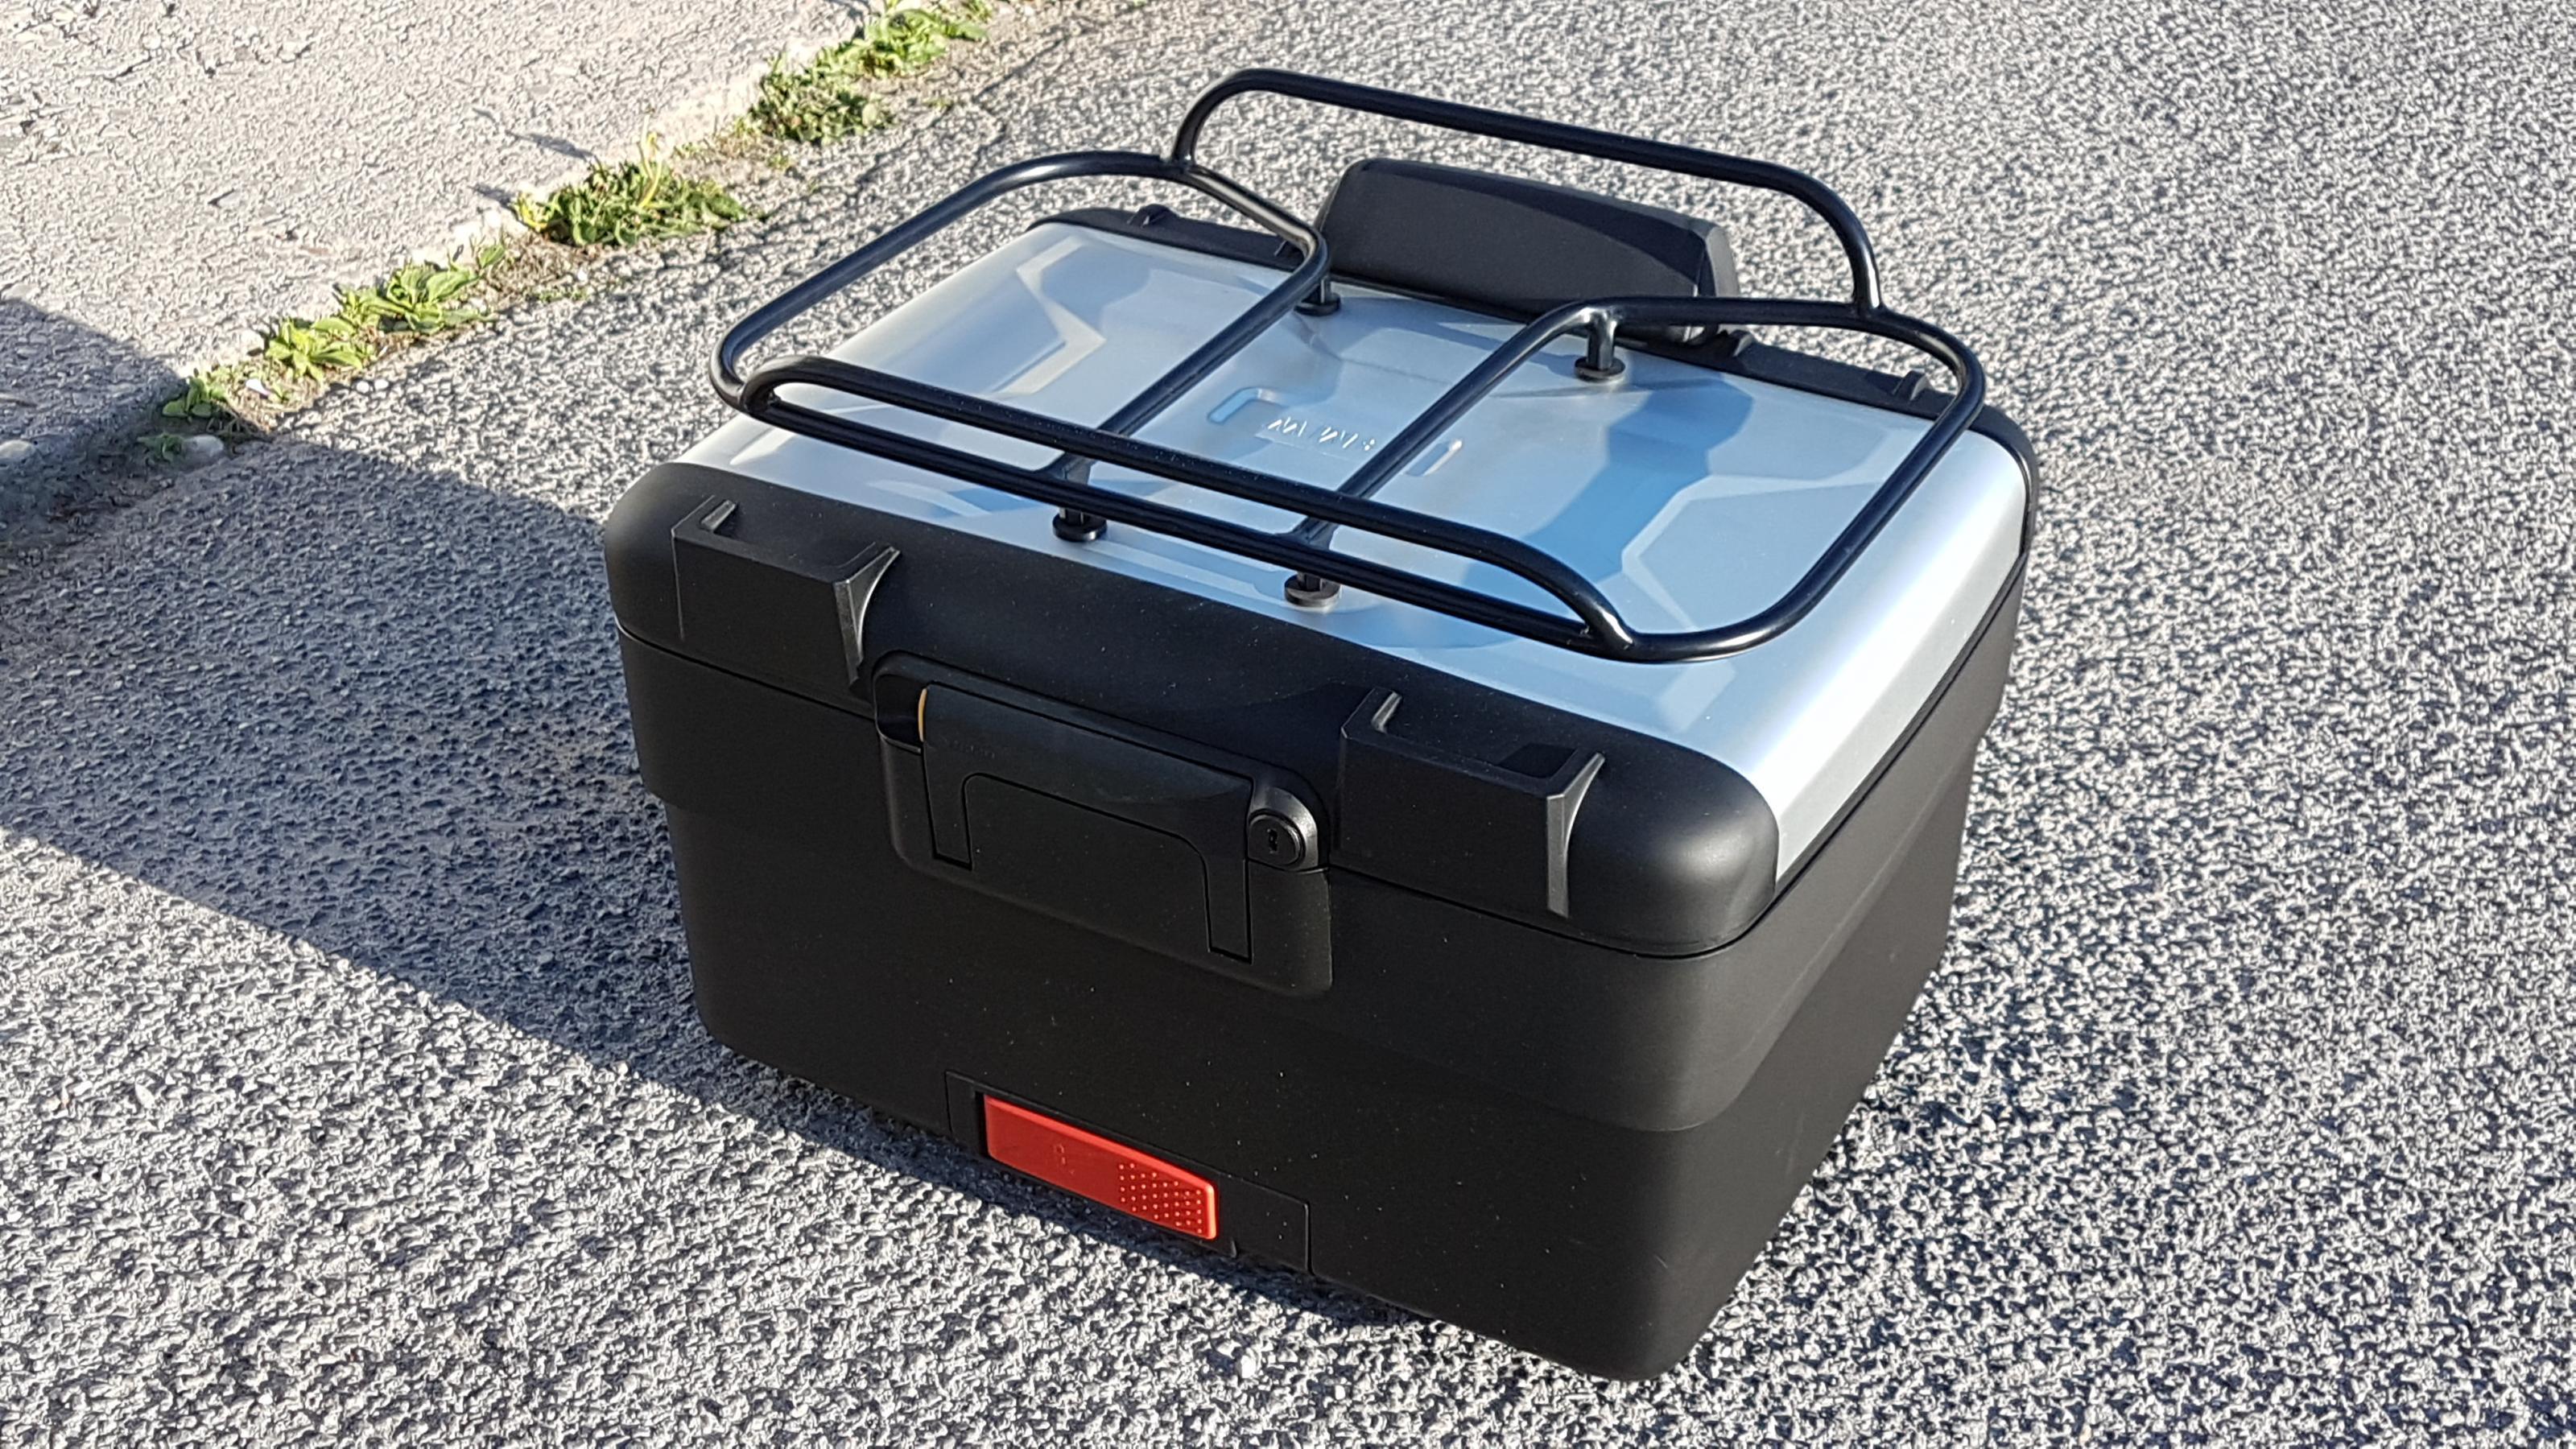 biete r 1200 gs lc gep cktr ger reling f r vario koffer. Black Bedroom Furniture Sets. Home Design Ideas